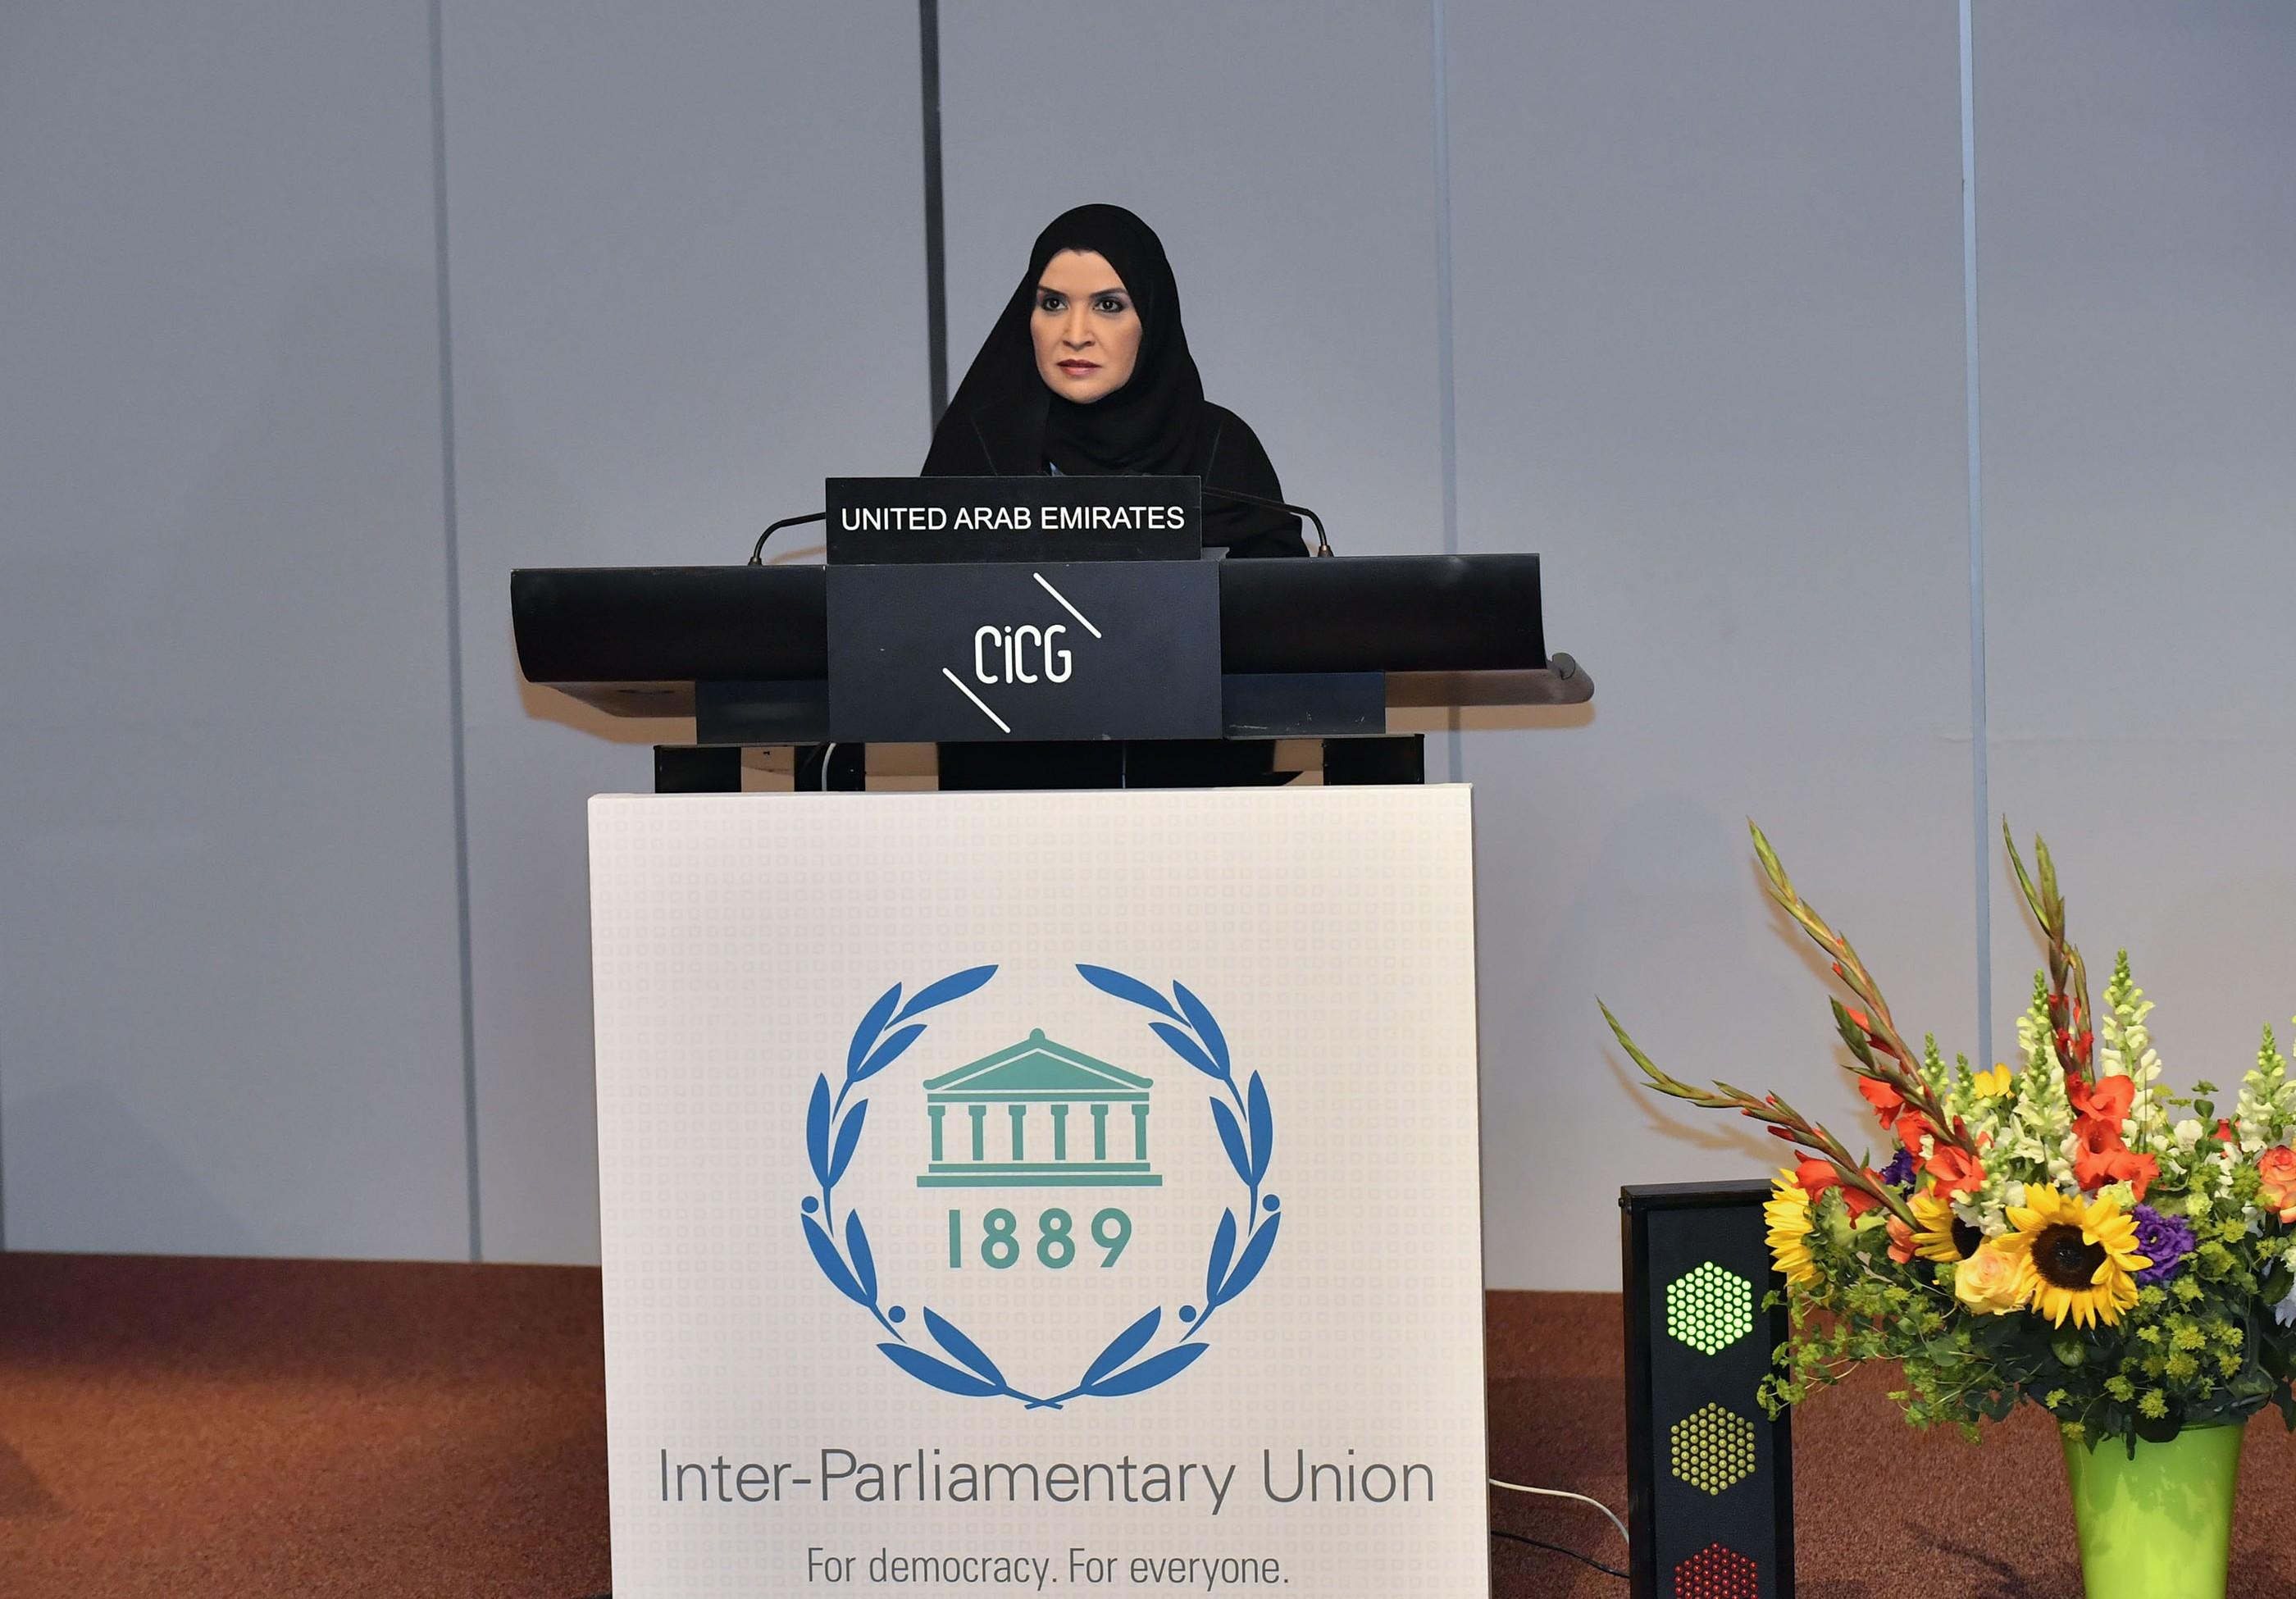 أمل عبدالله القبيسي رئيسة المجلس الوطني الاتحادي الإماراتي